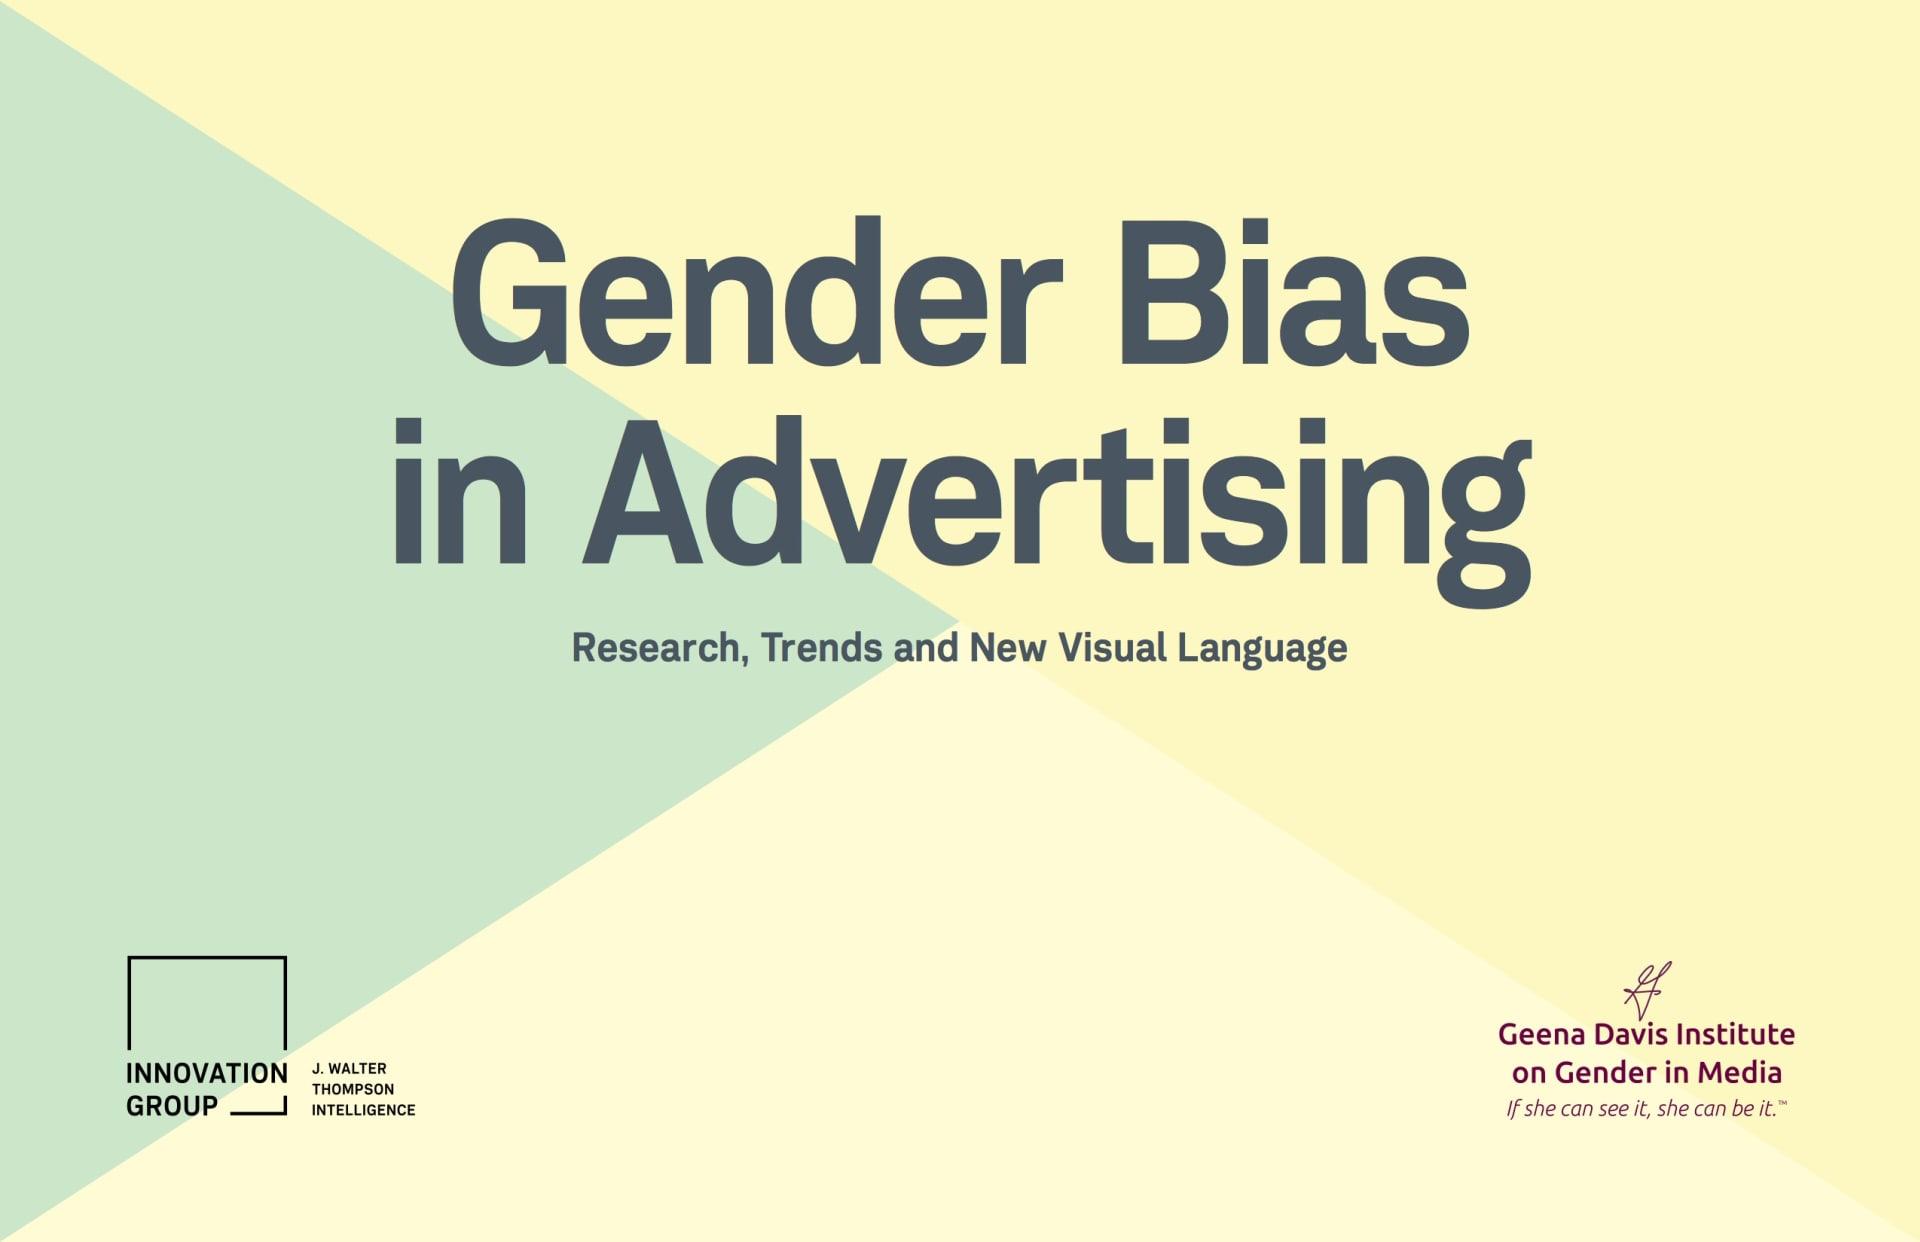 Gender Bias in Advertising